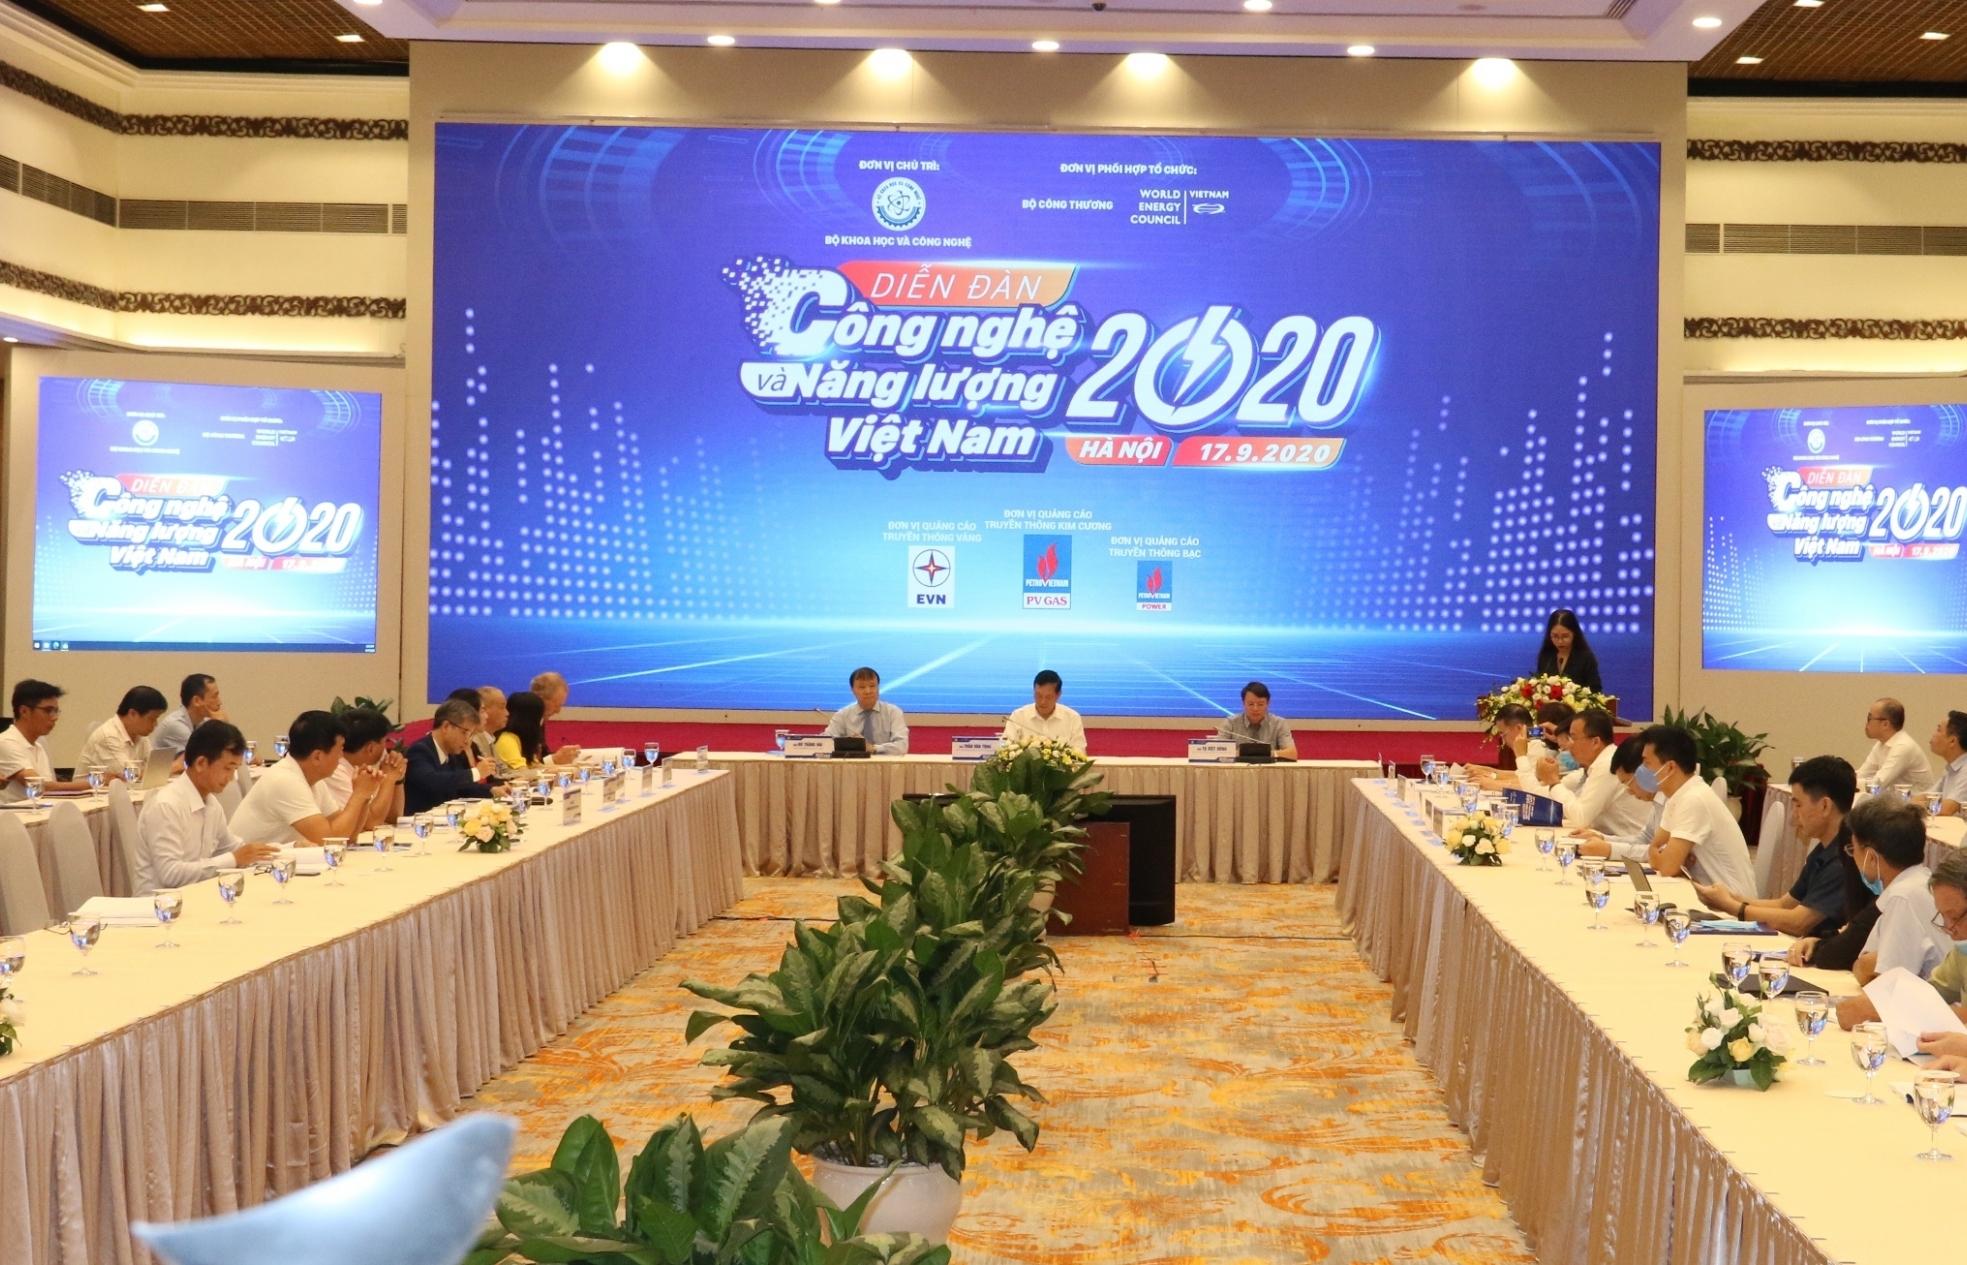 Cần sự đồng bộ của hệ thống chính sách trong phát triển công nghệ và năng lượng